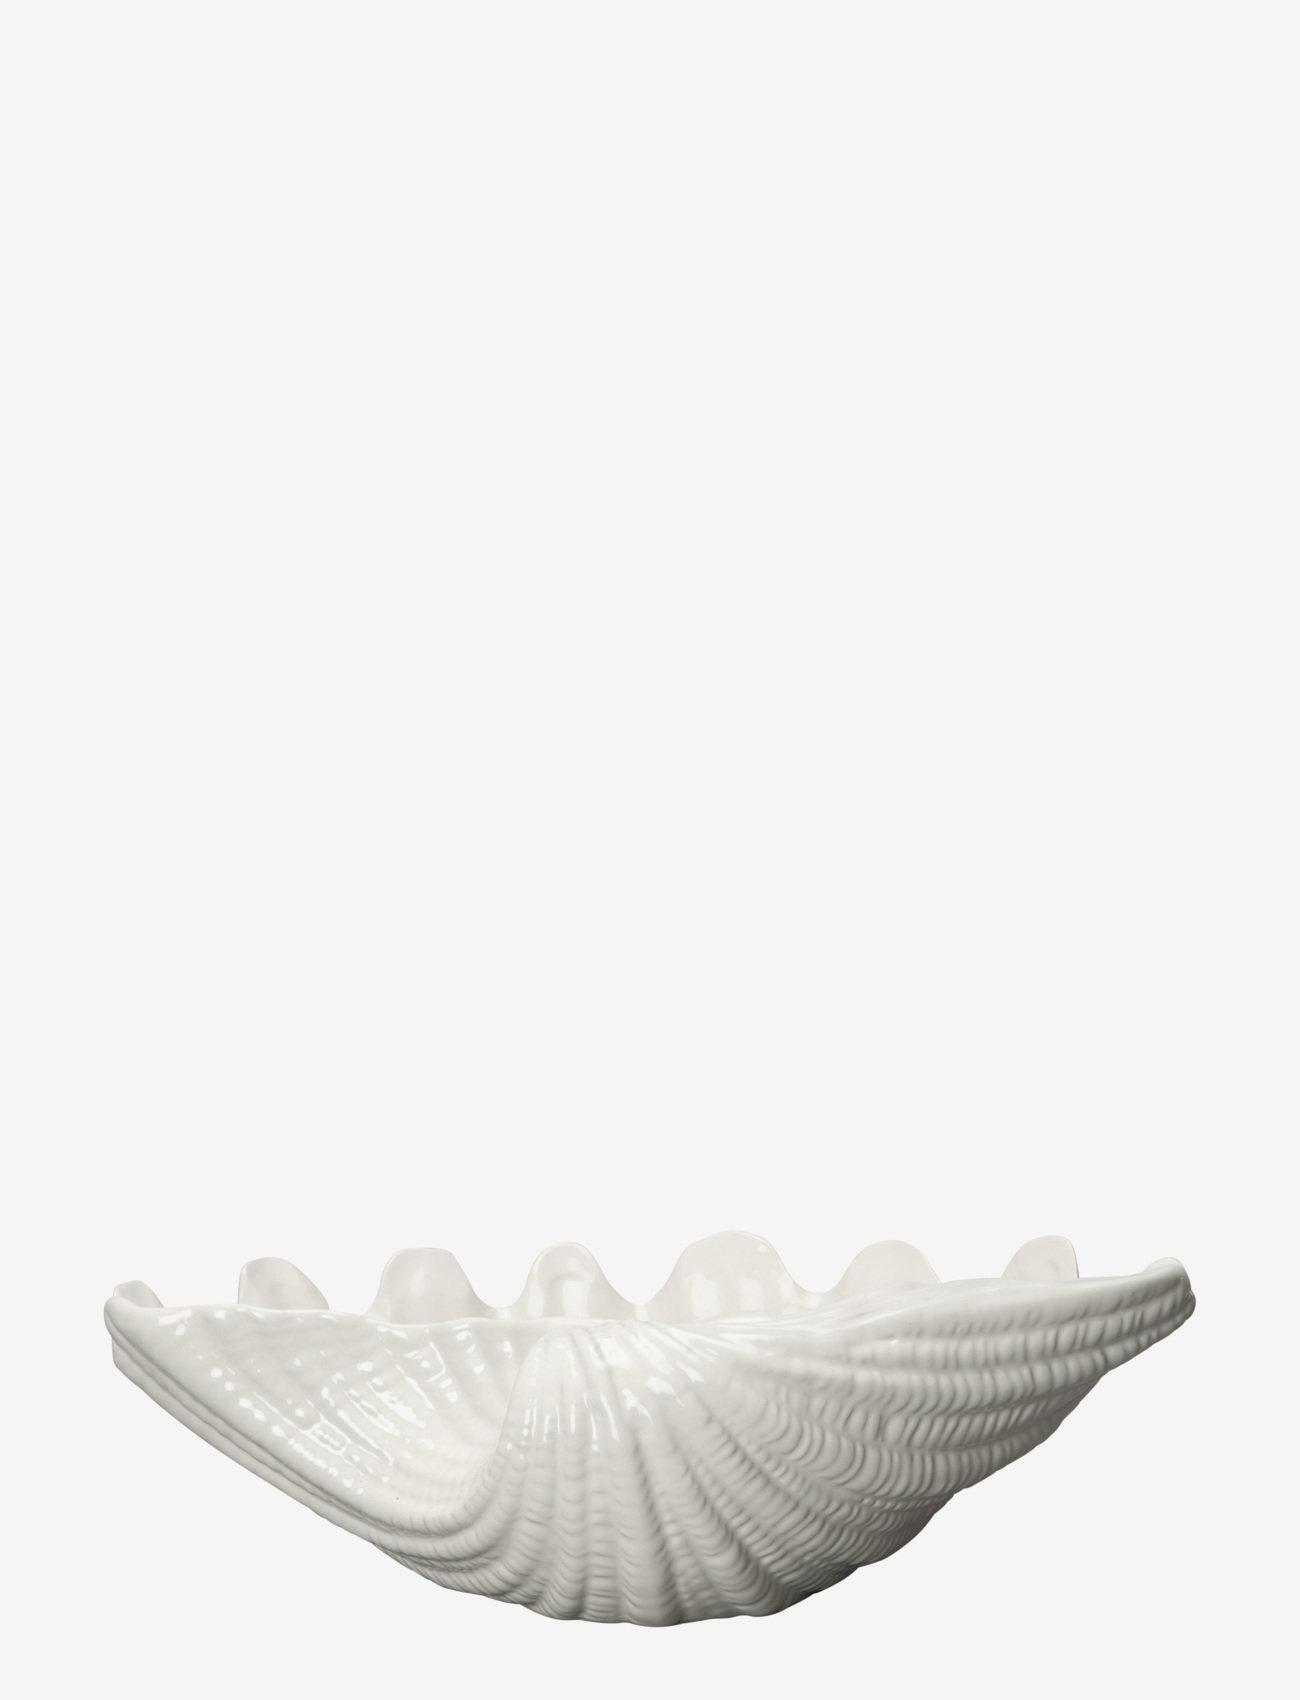 ByOn - Bowl Shell - 100–200€ - white - 1